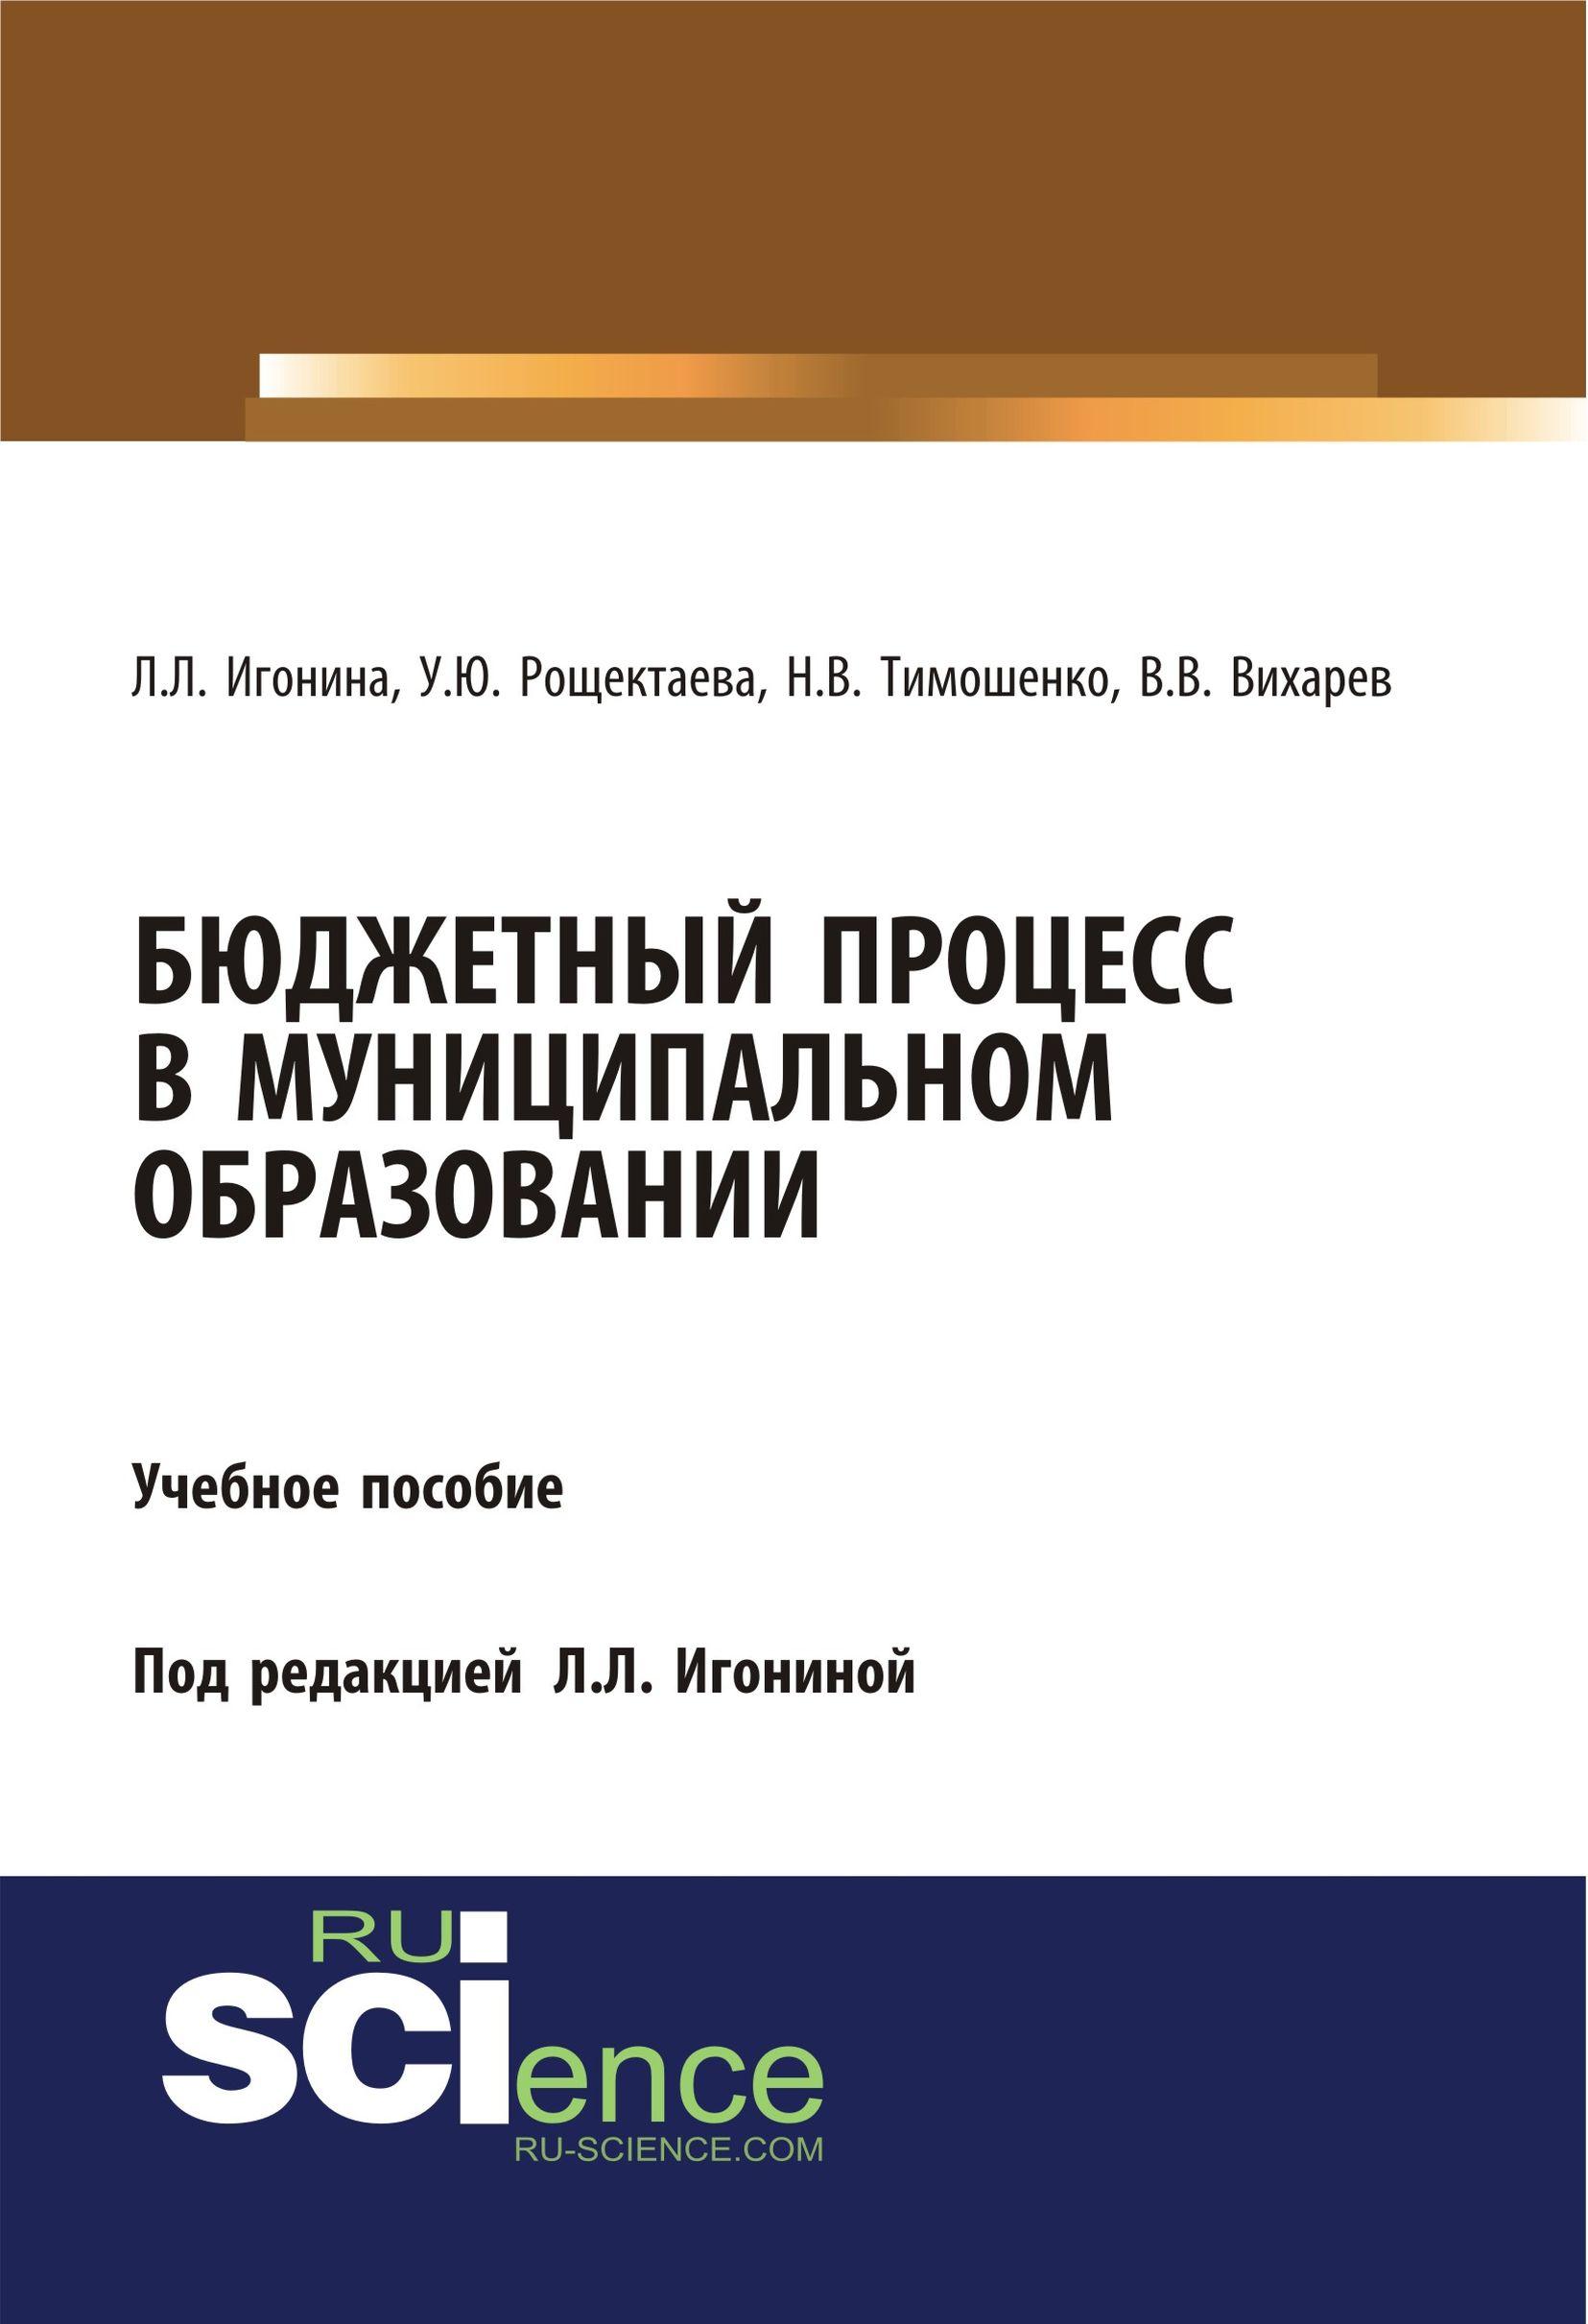 Людмила Лазаревна Игонина Бюджетный процесс в муниципальном образовании